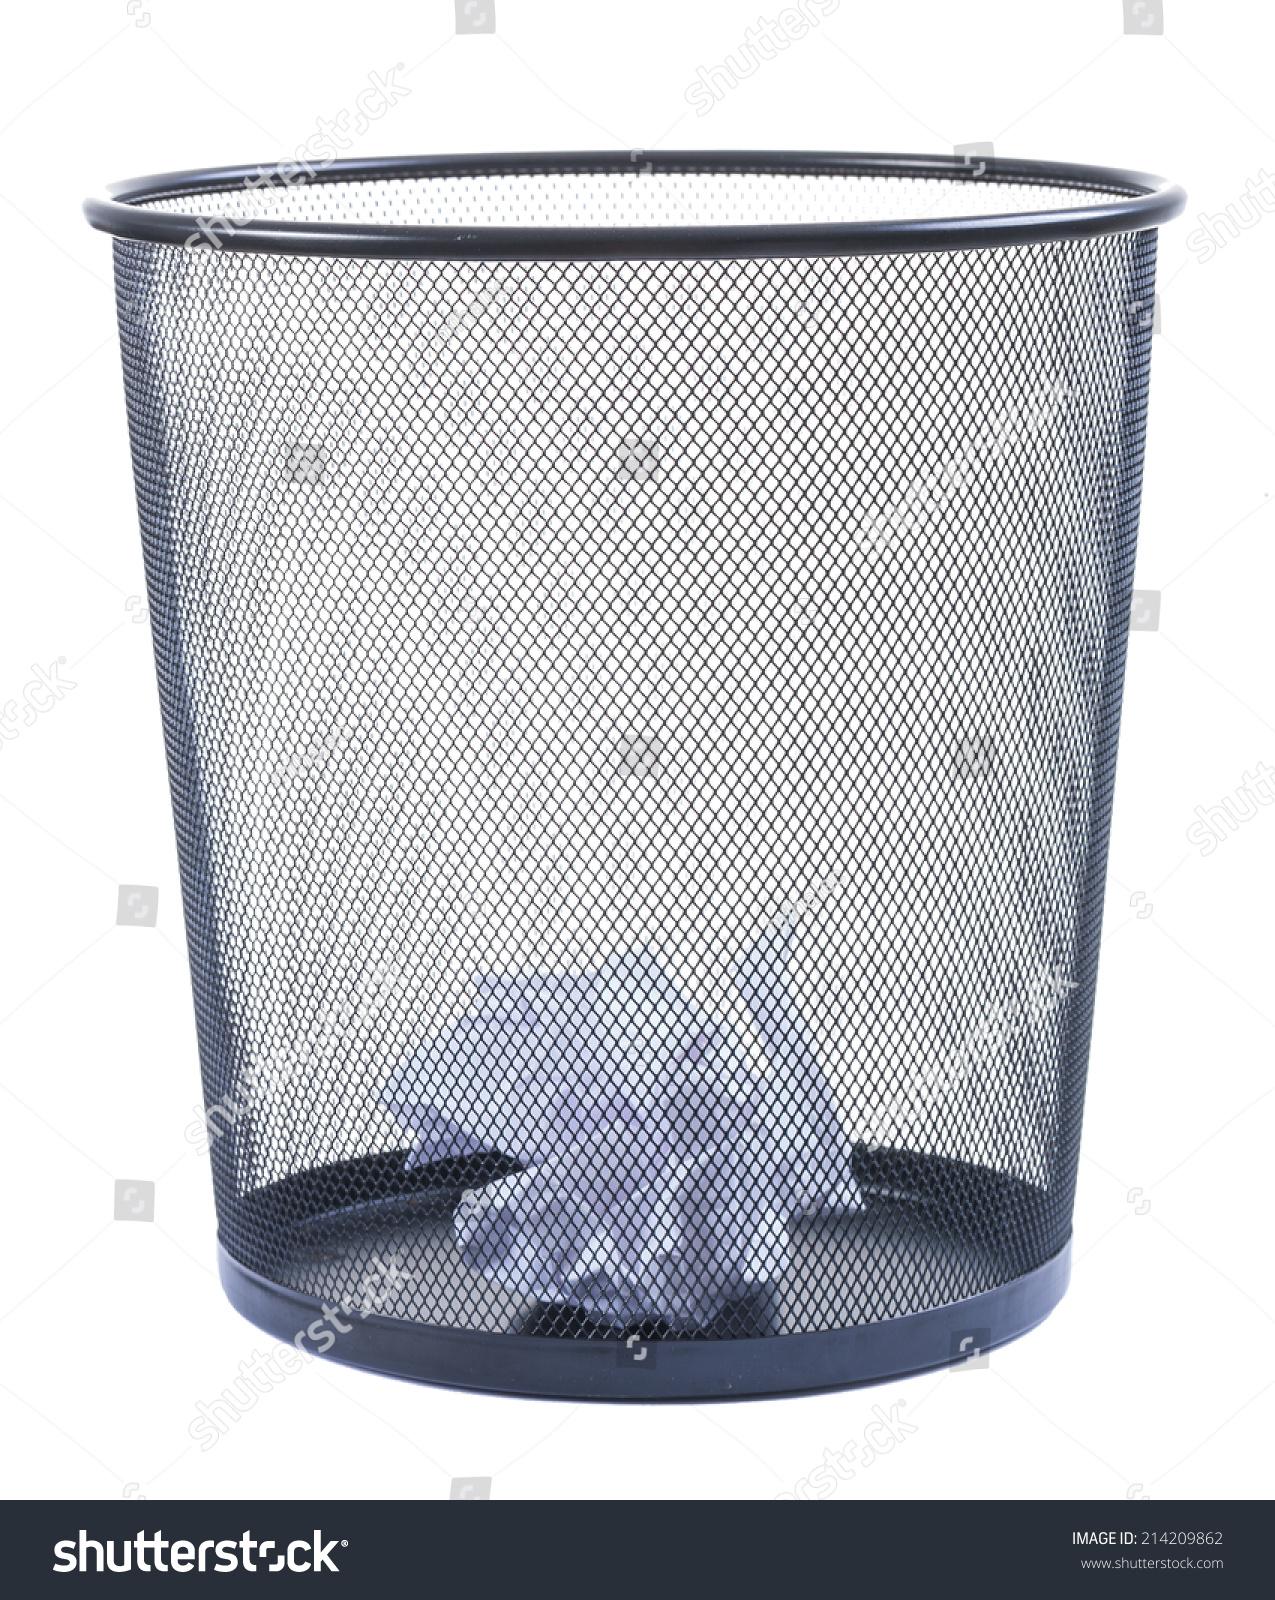 垃圾桶满了碎纸孤立在白色背景